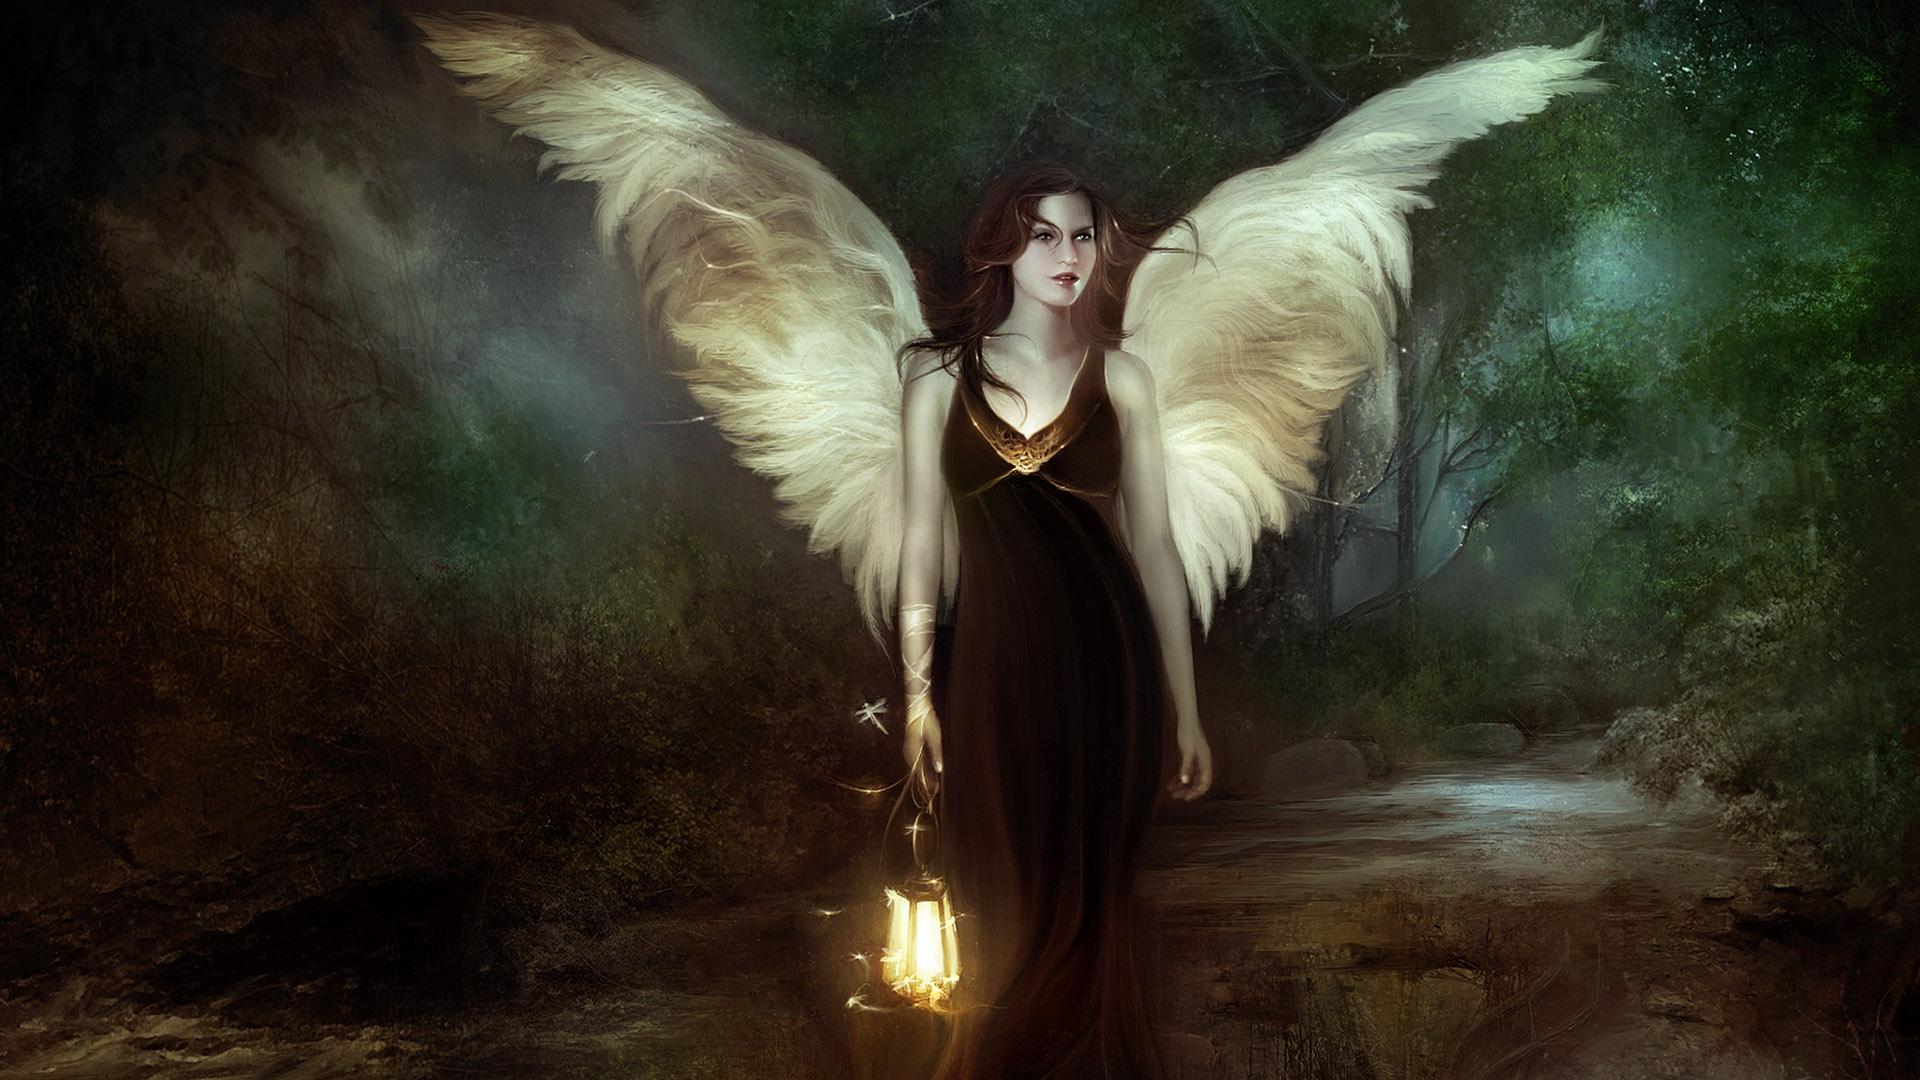 Engel Kunstwerk Handy Logo, Kostenlose Hintergrundbild Auf verwandt mit Engelbilder Kostenlos